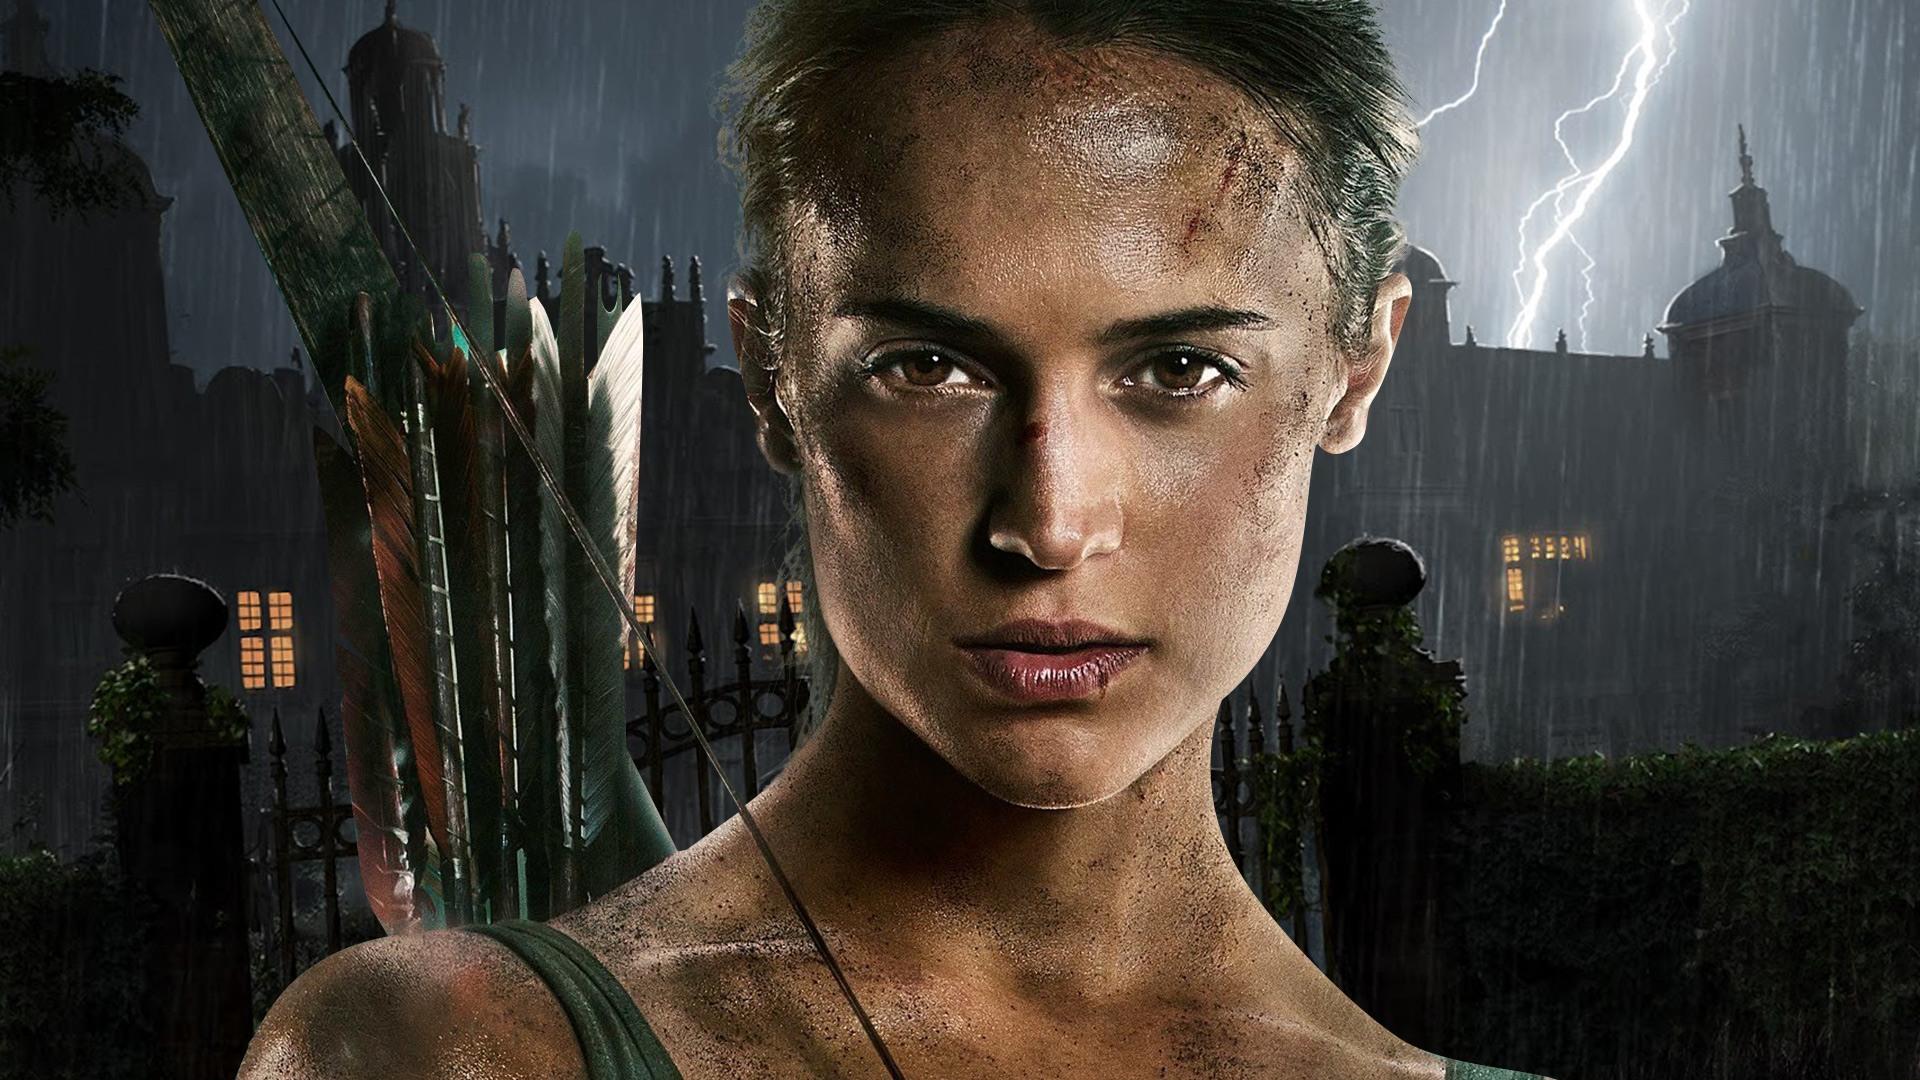 the-tomb-raider-movies-croft-manor-reflects-a-new-lara_wg4f.jpg